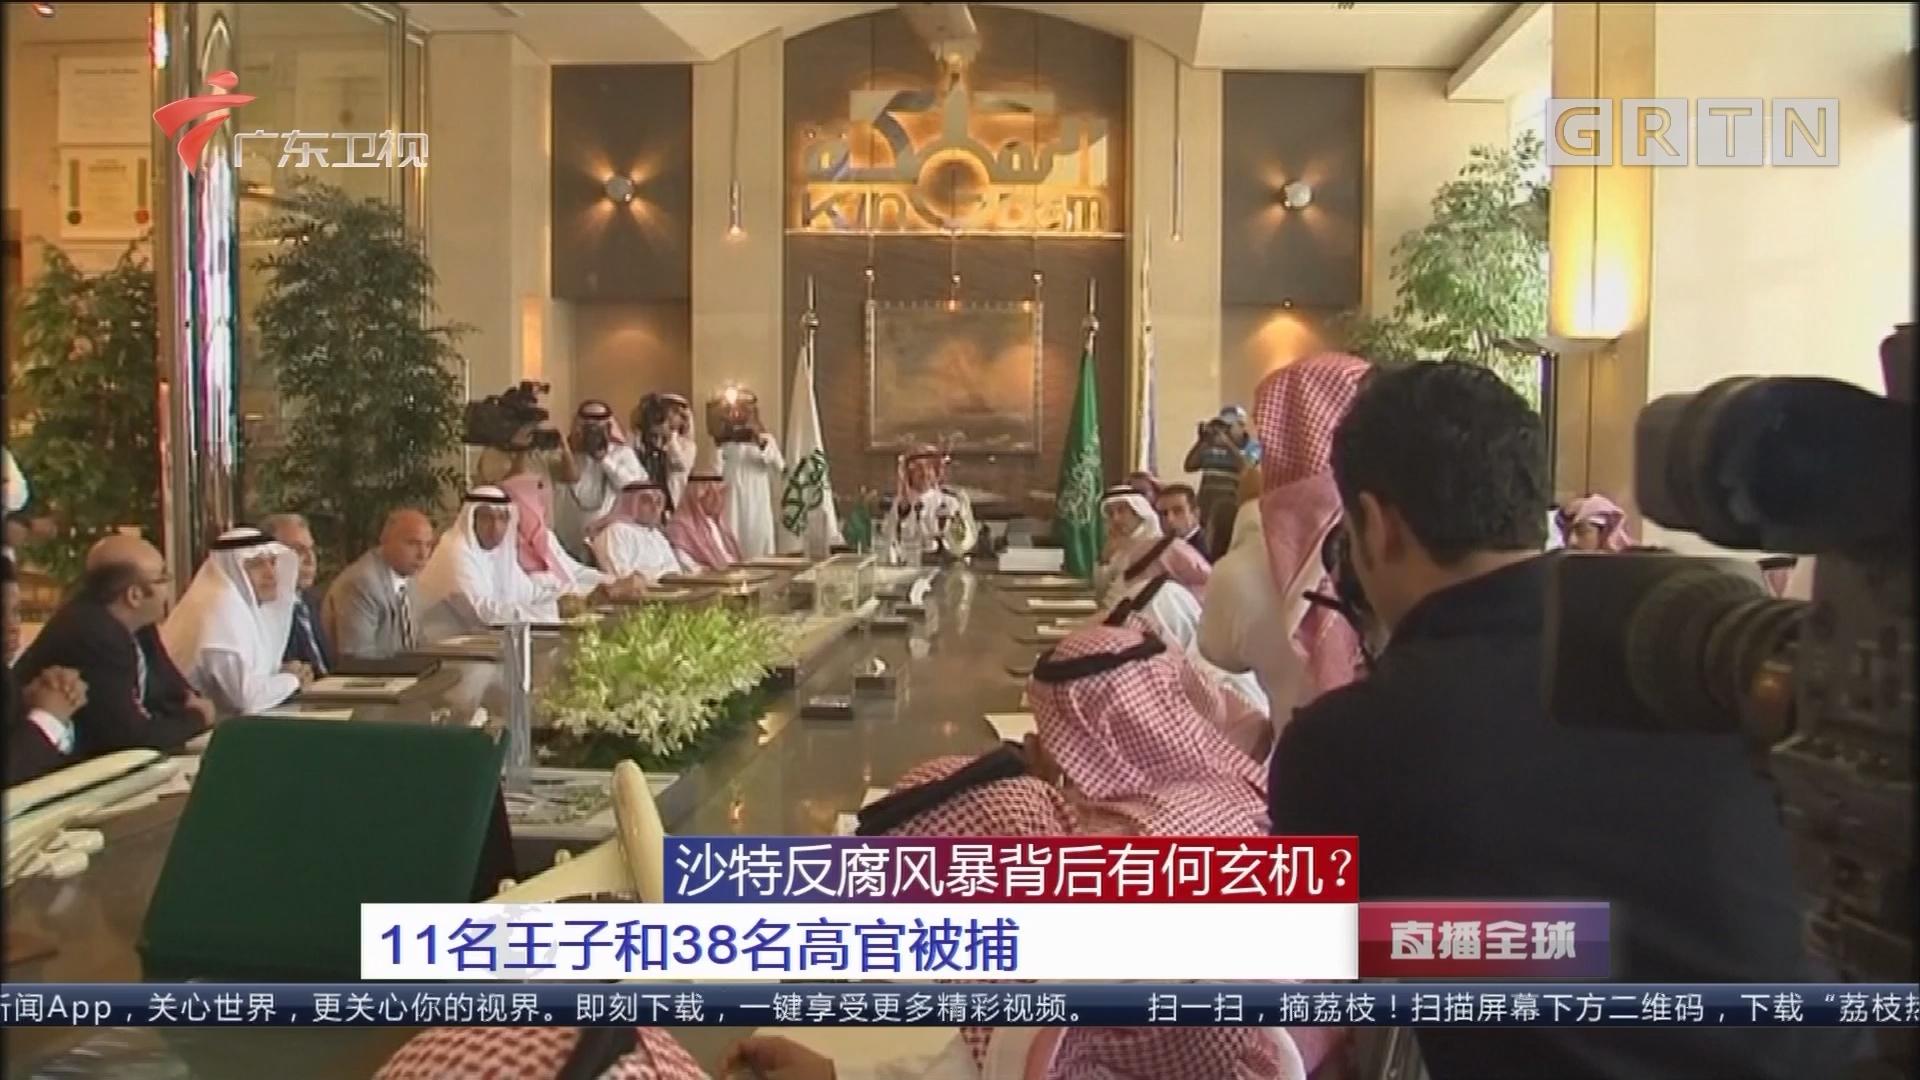 沙特反腐风暴背后有何玄机? 11名王子和38名高管被捕